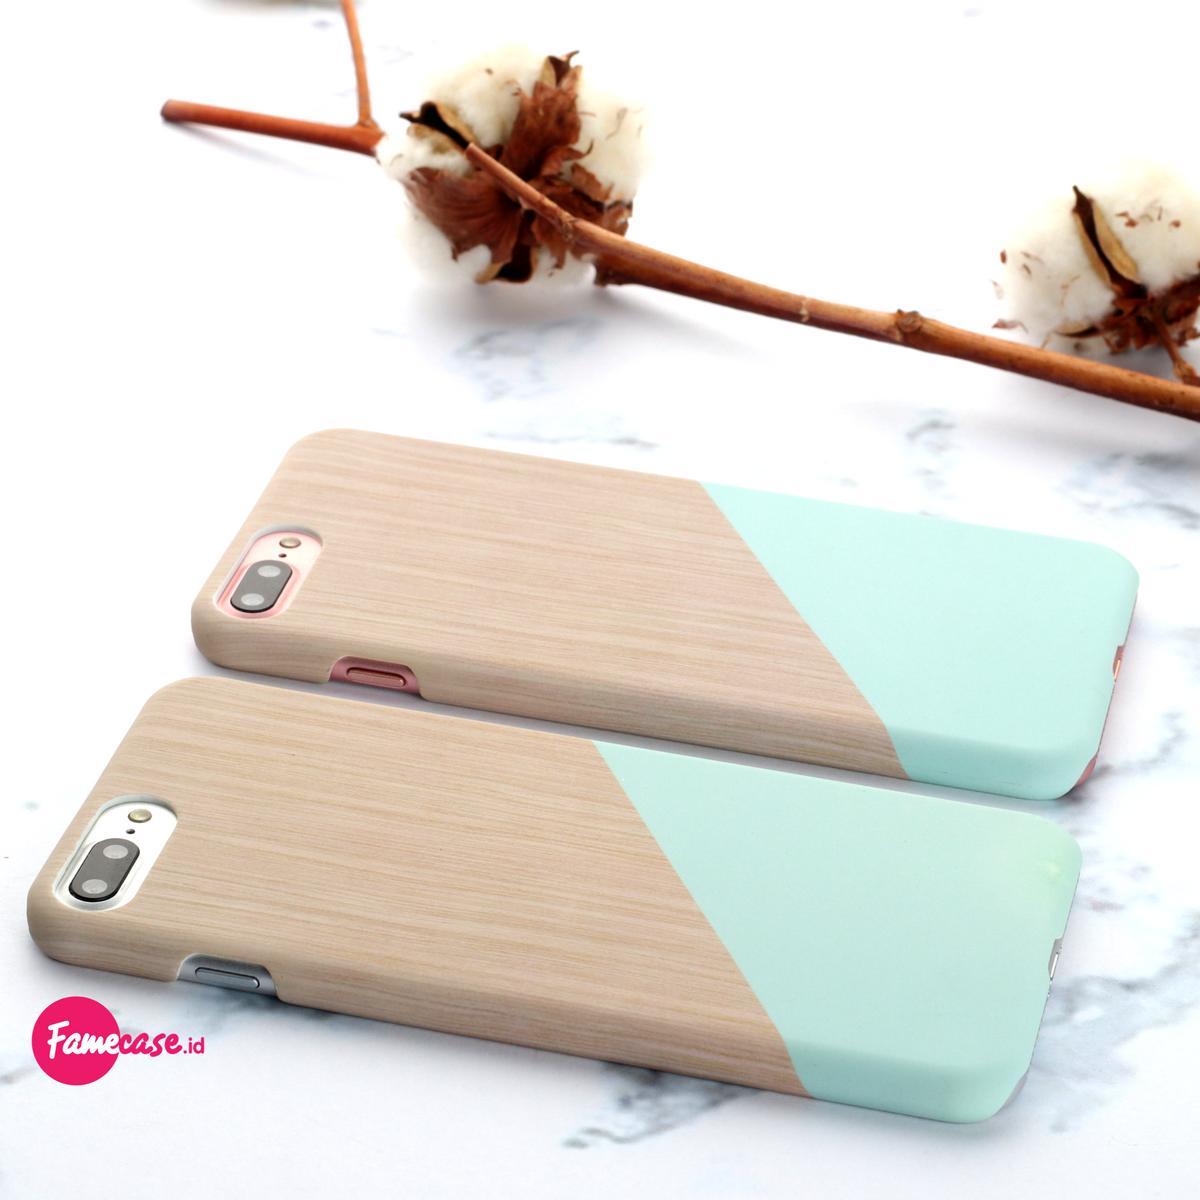 Blok Pastel Hard Case Casing Iphone 5 5S SE Warna Biru